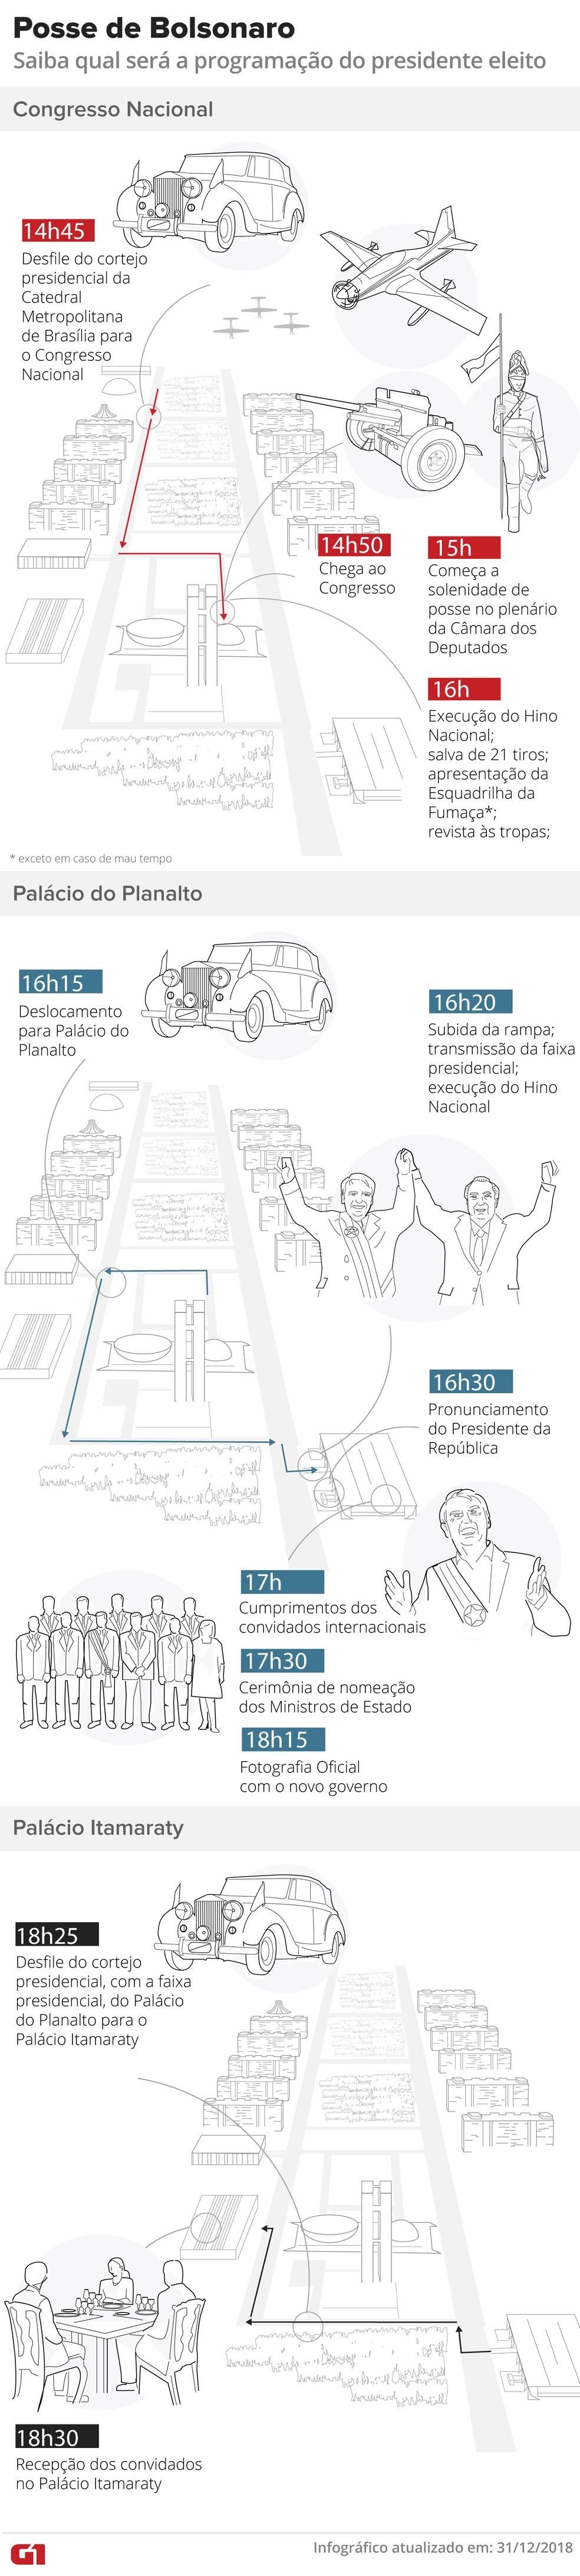 Roteiro da posse de Jair Bolsonaro mostra percurso e previsão de horários em Brasília — Foto: Editoria de Arte/G1